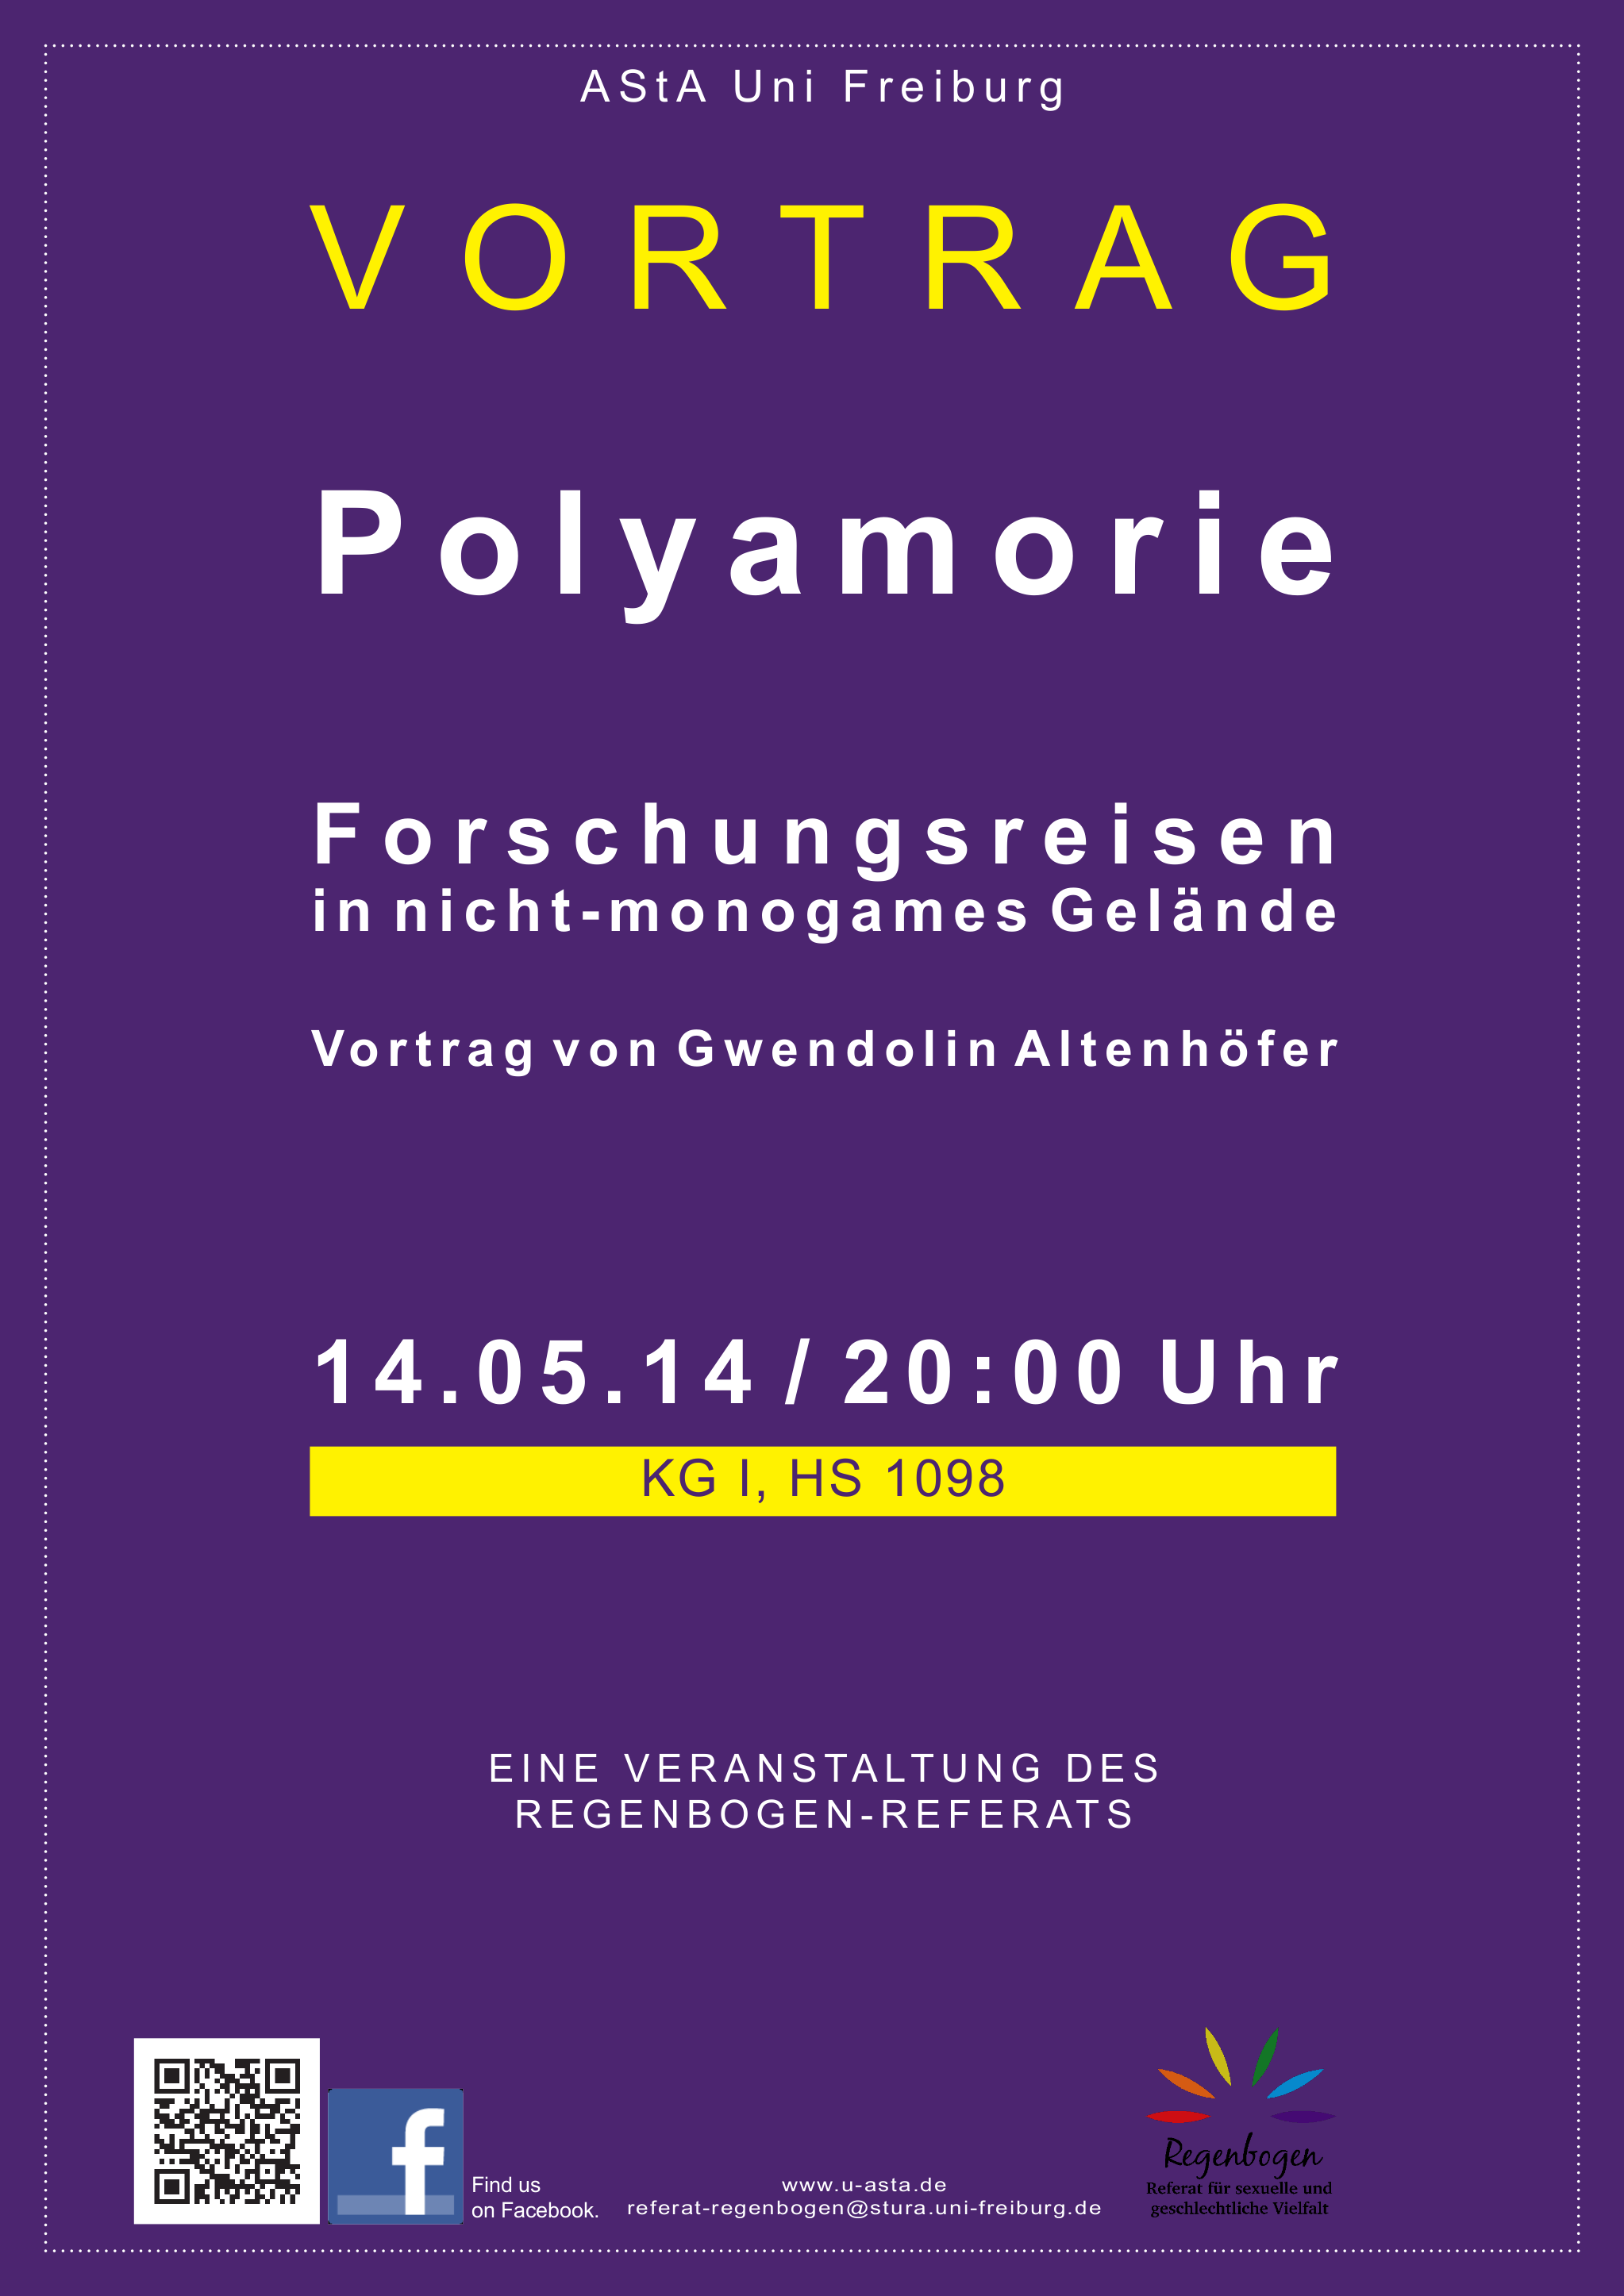 vortrag polyamorie - forschungsreisen in nicht-monogames gelände